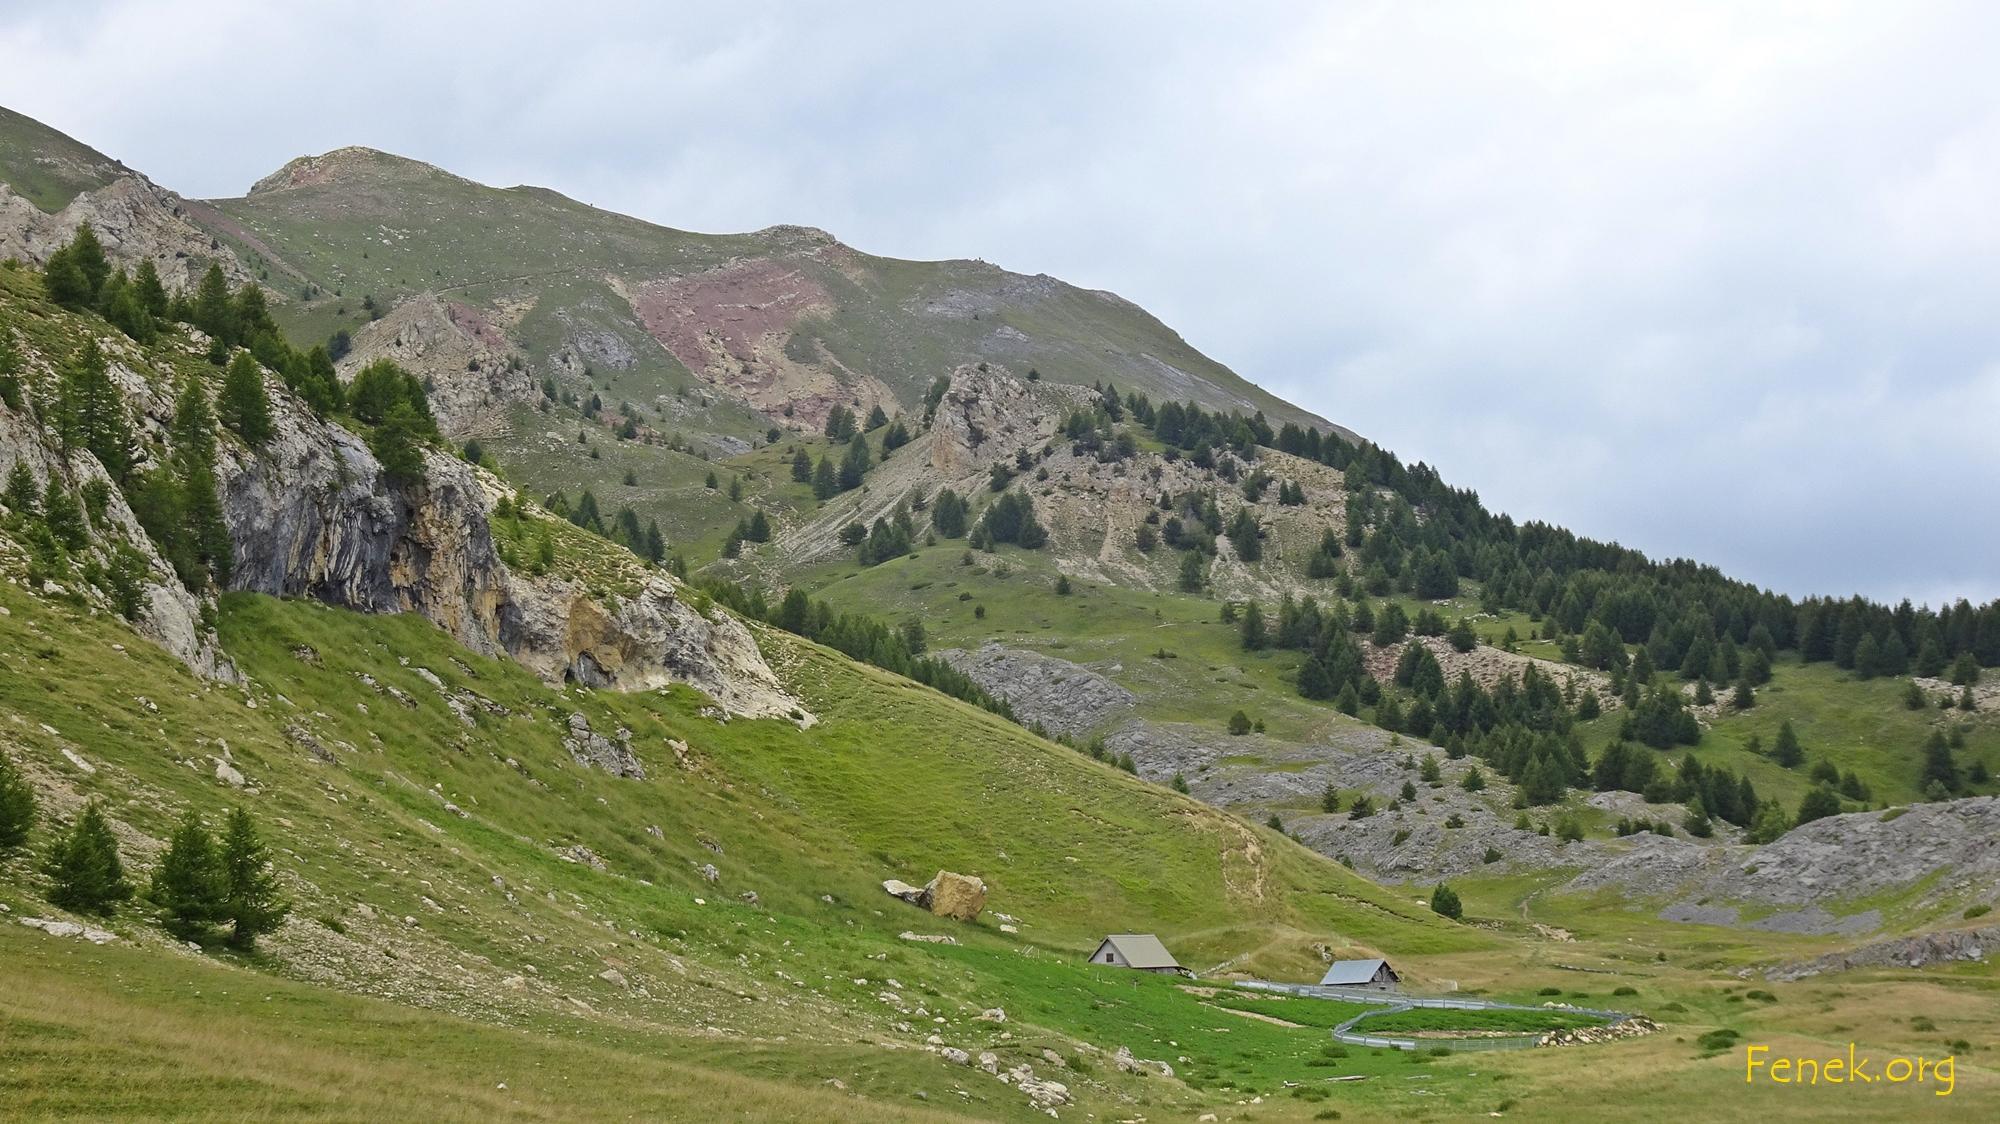 der Gipfel ist schon sichtbar, aber noch ein Stück entfernt